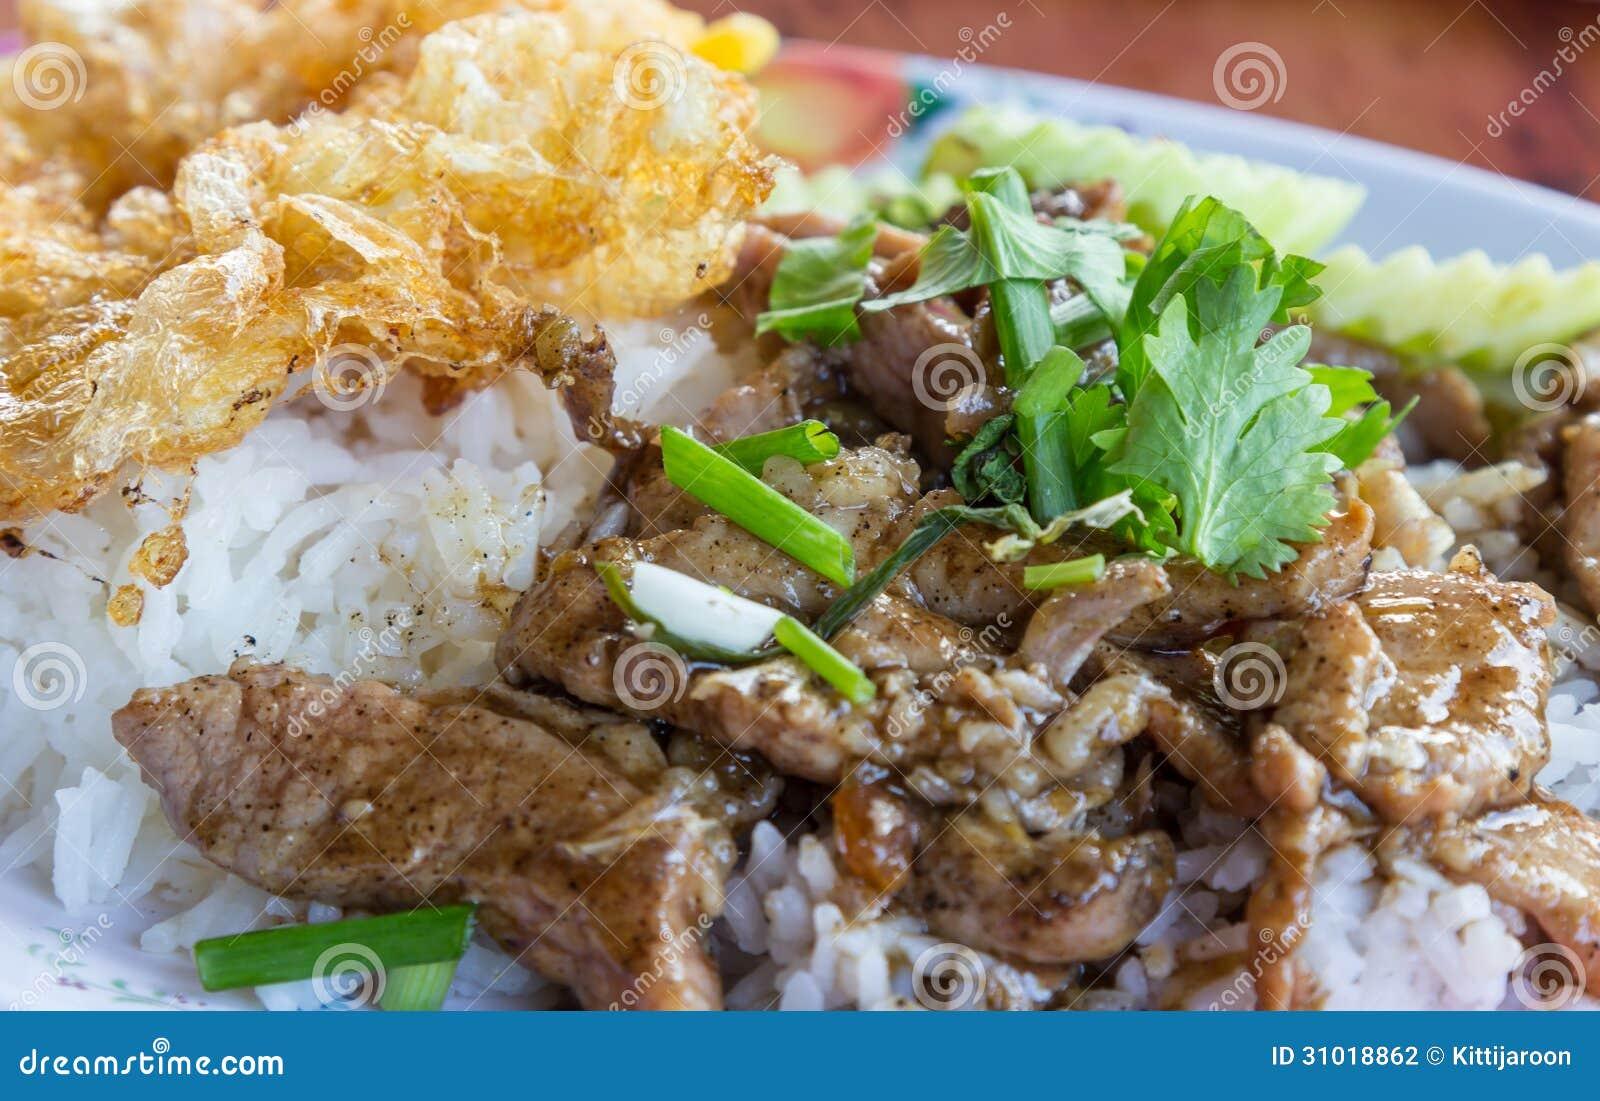 Carne di maiale fritta con aglio e l uovo su riso